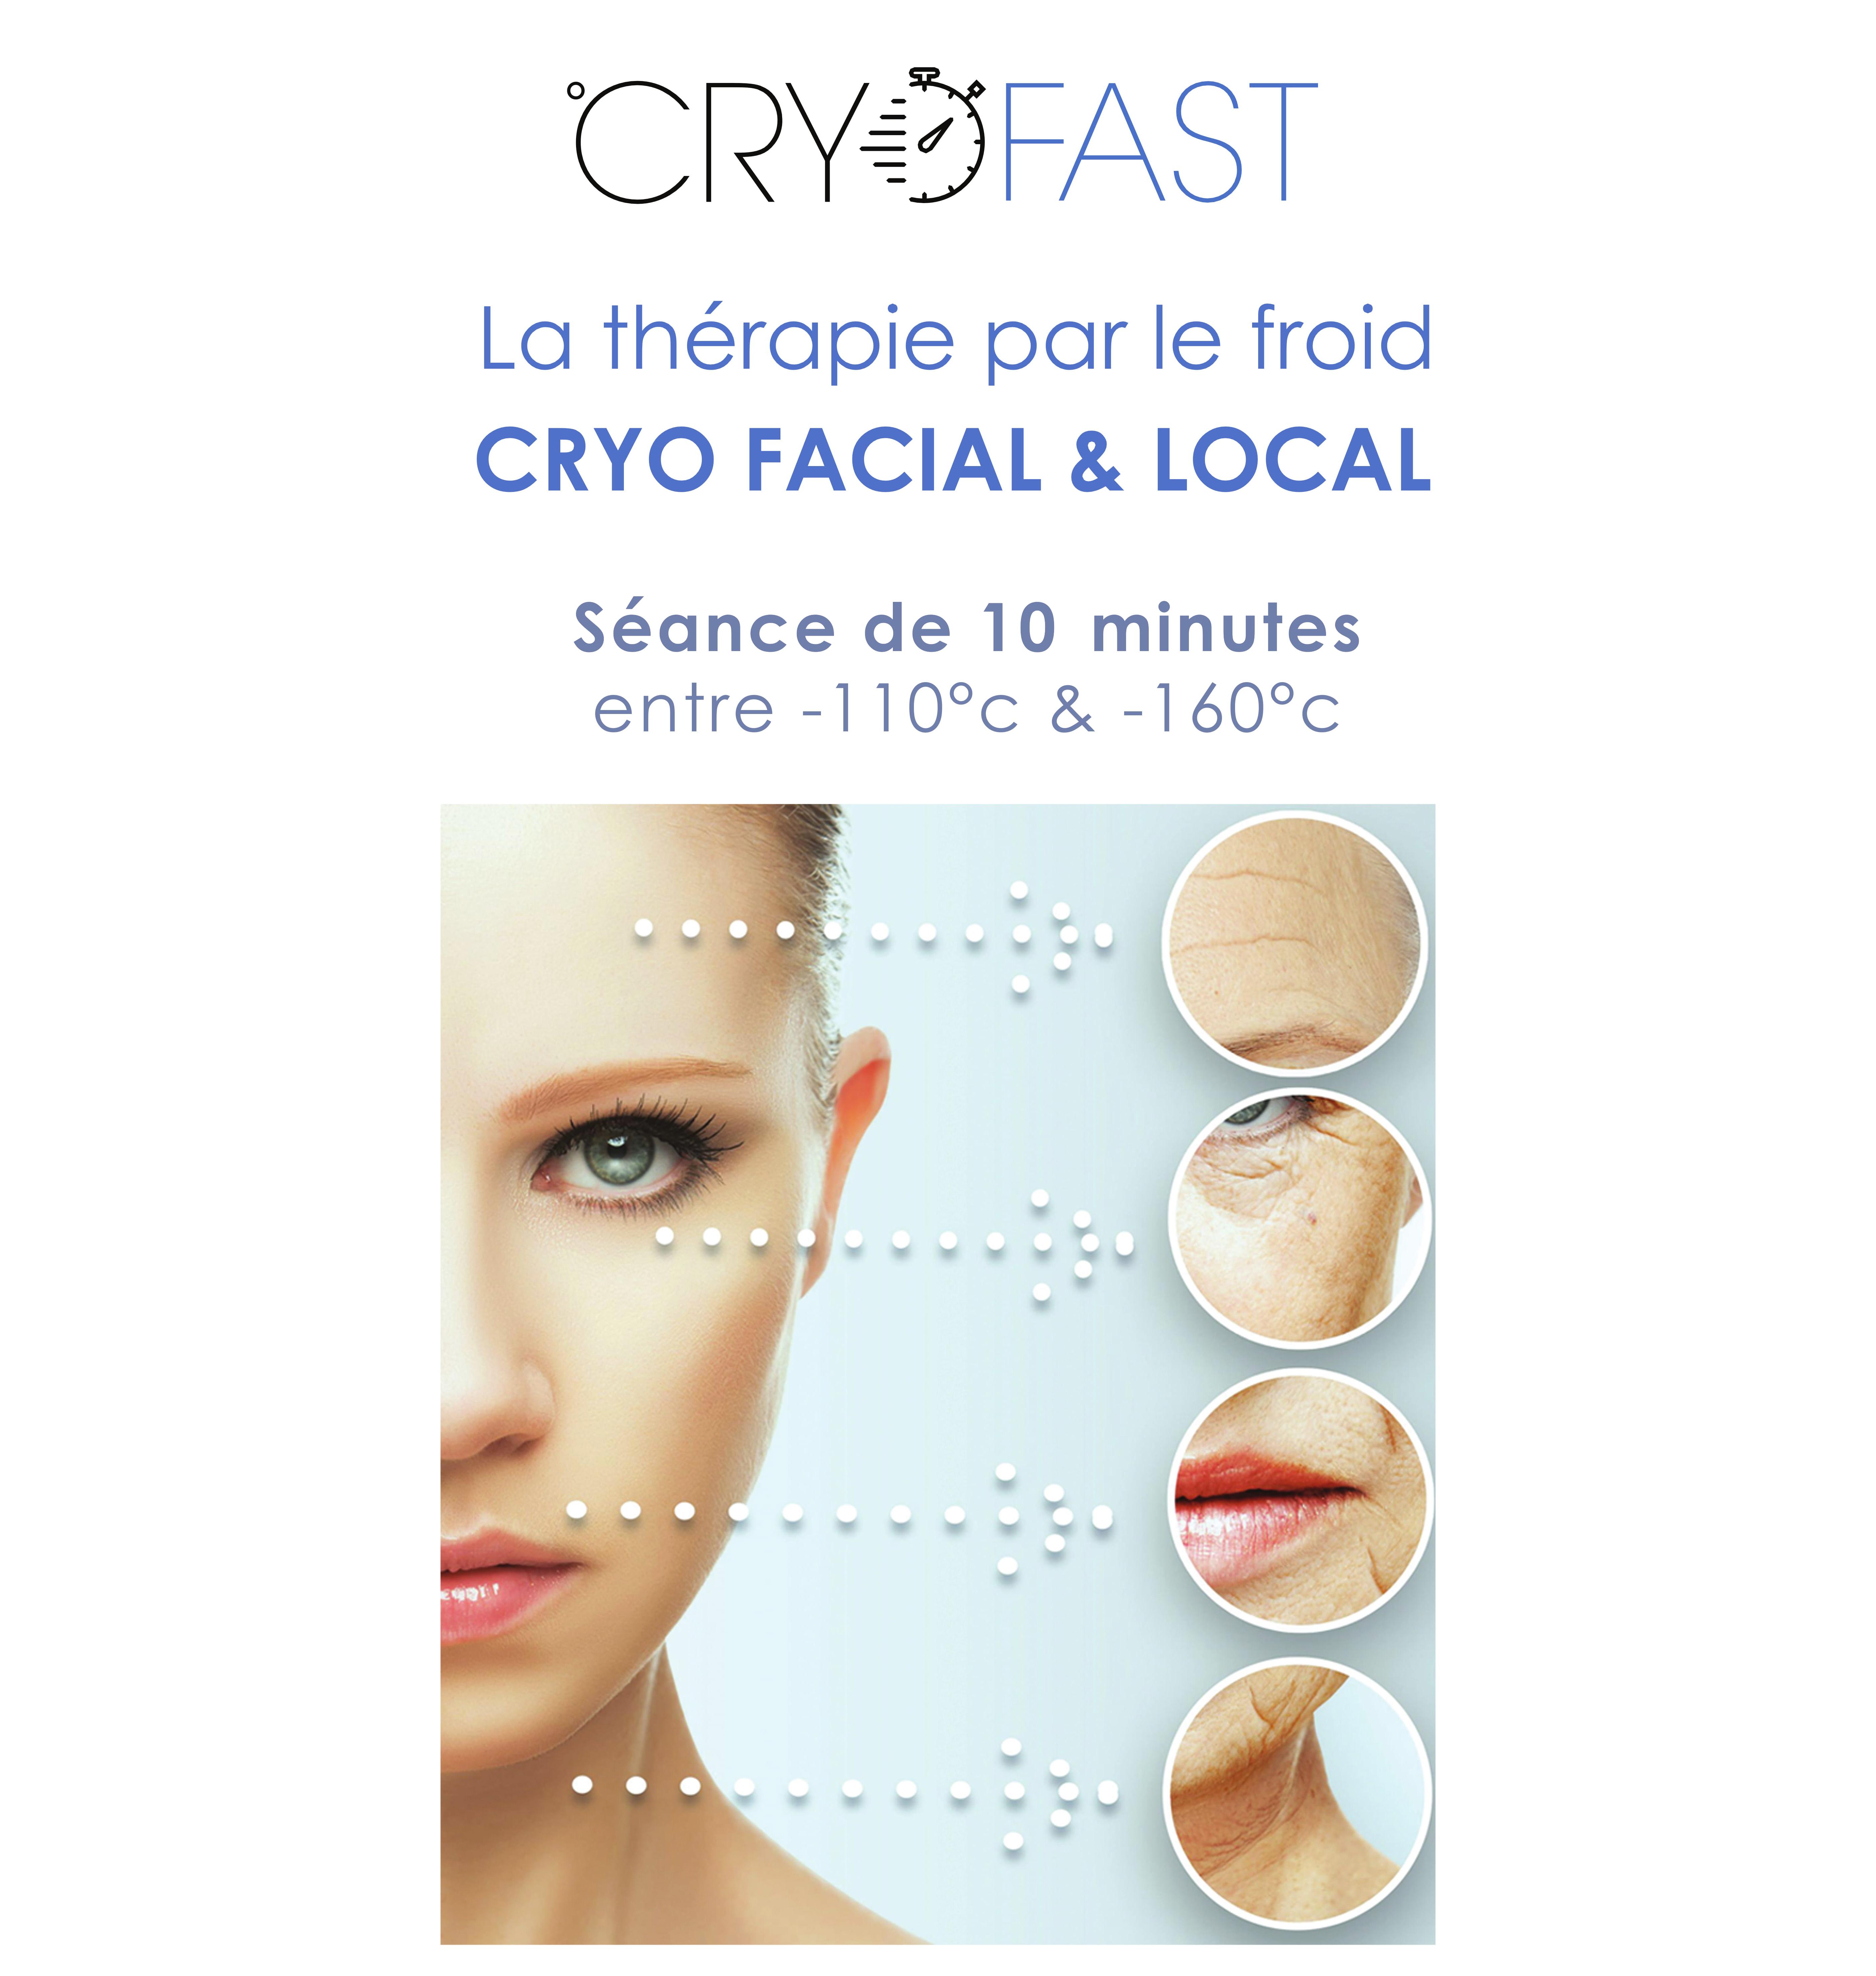 visage et zoom sur les points traités par la cryothérapie facial cryofast